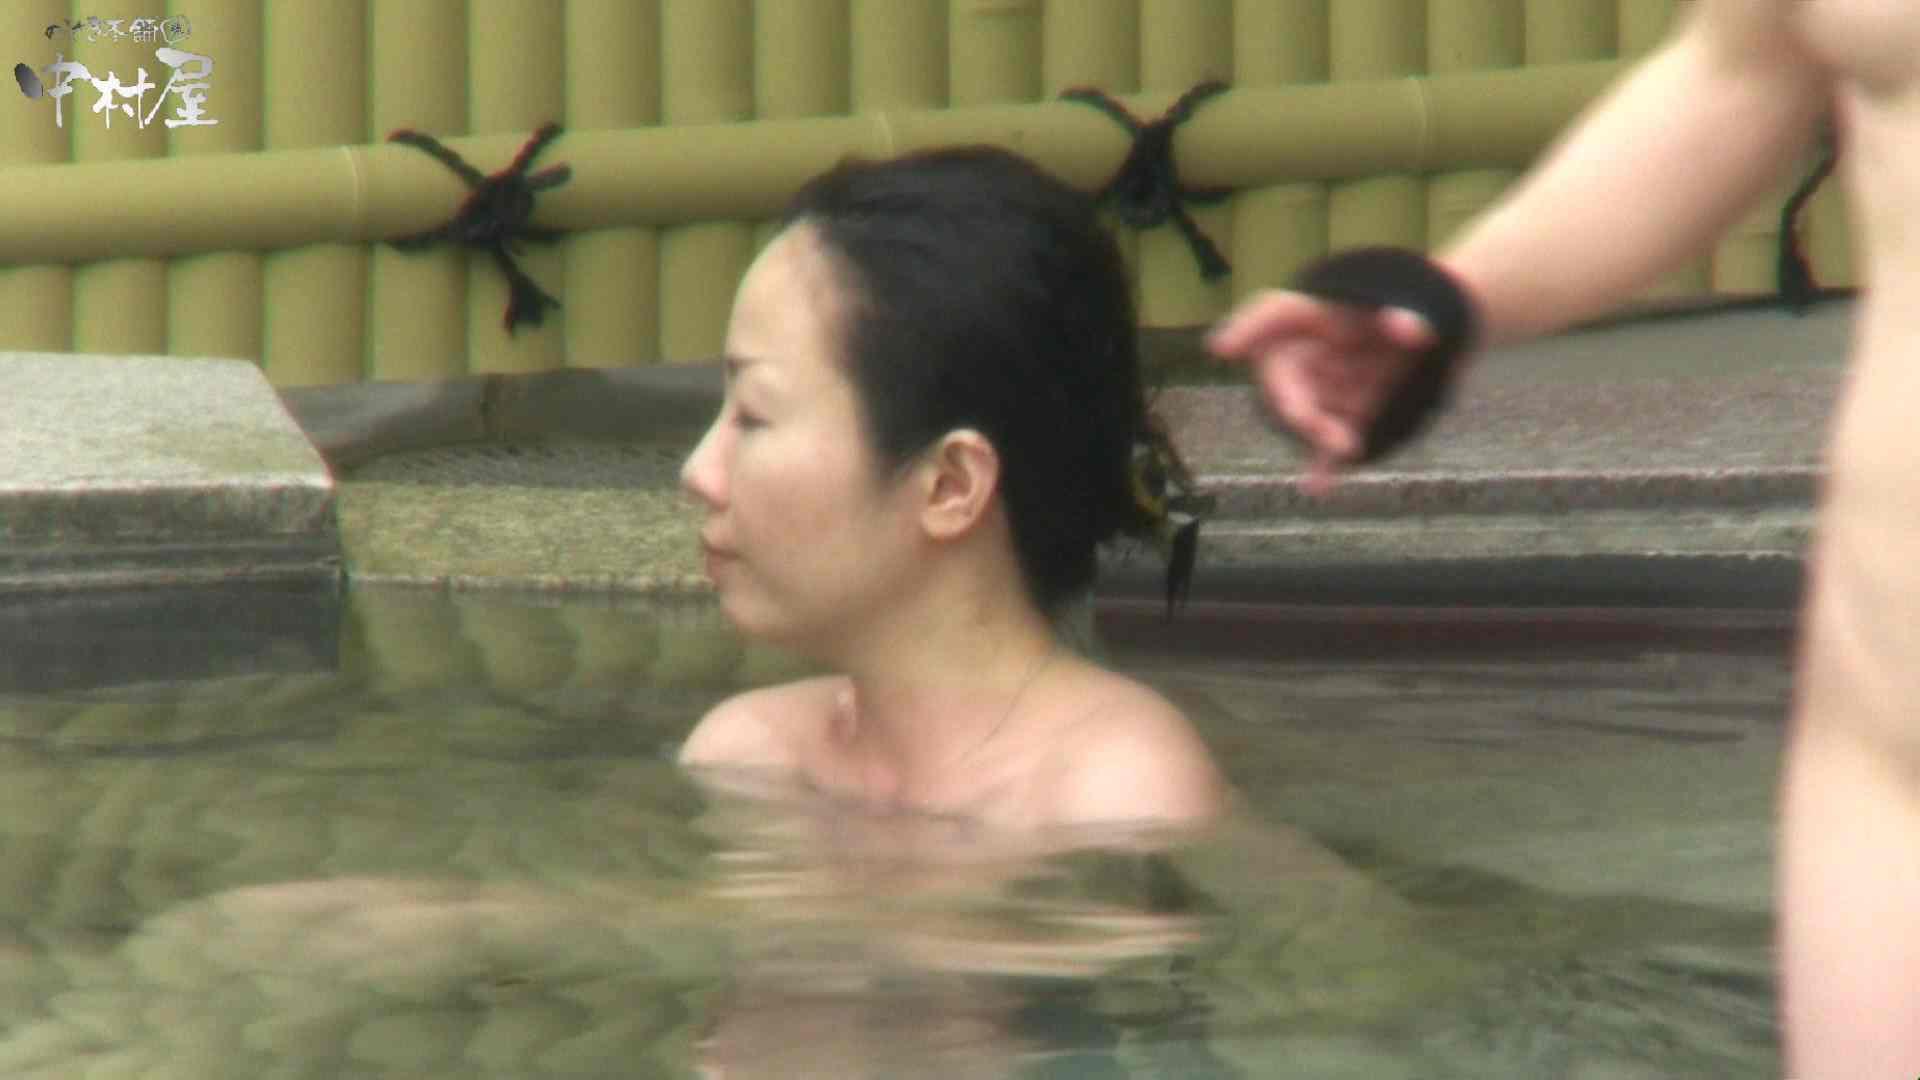 Aquaな露天風呂Vol.950 OLのエロ生活 覗きおまんこ画像 107連発 50